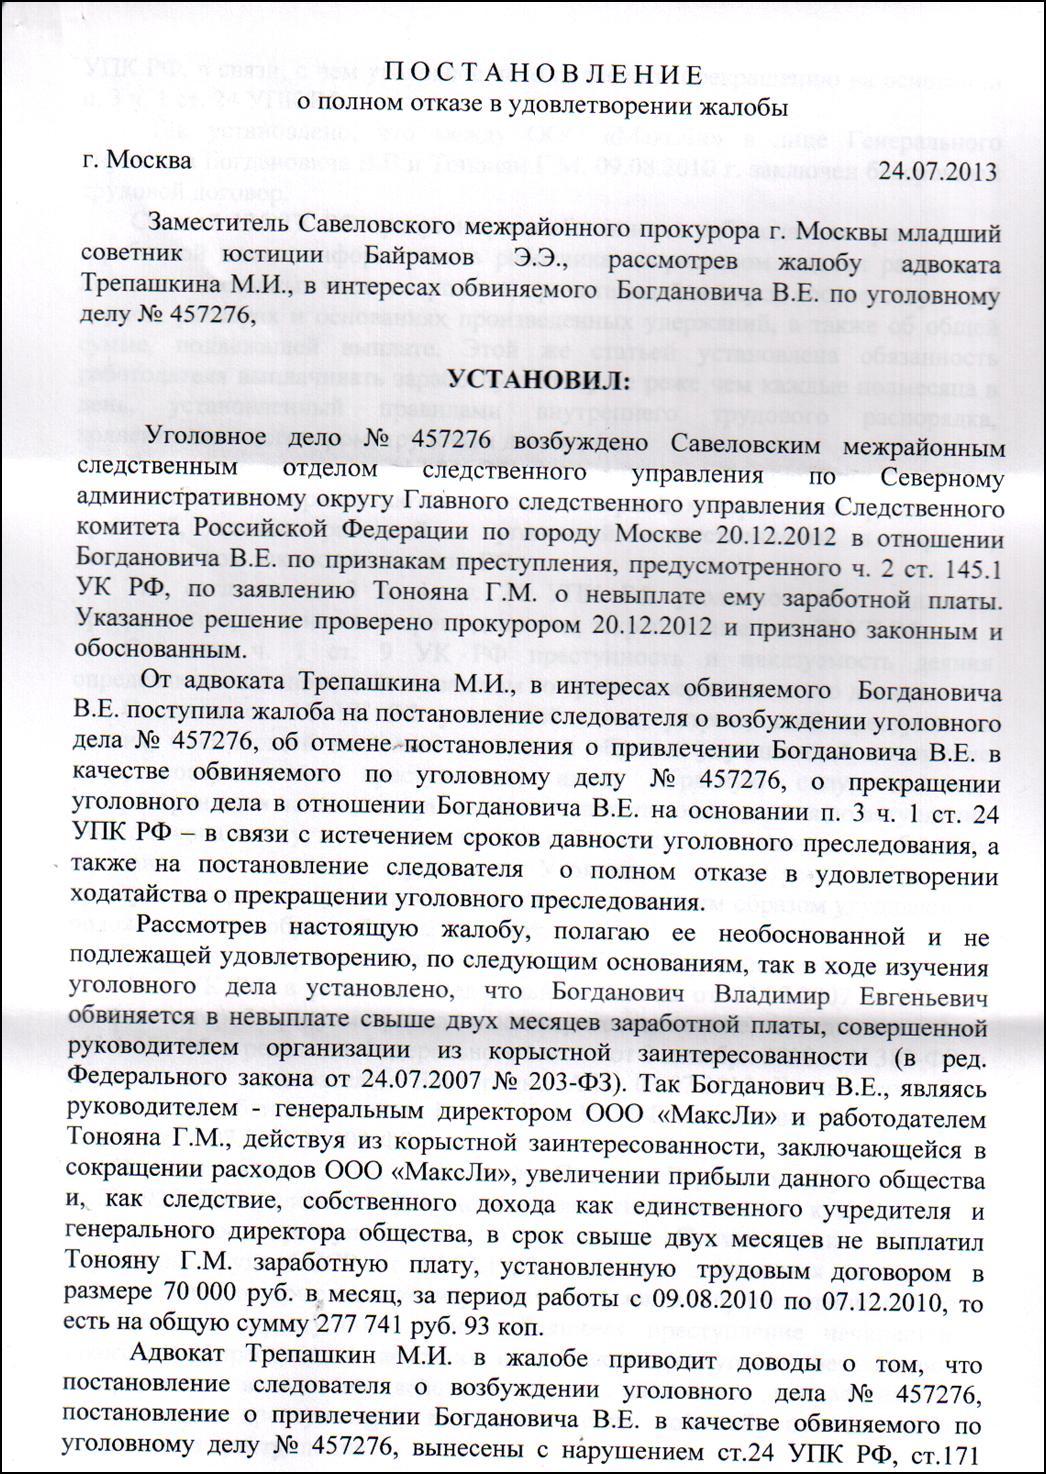 Постановление о Привлечении в Качестве Обвиняемого бланк